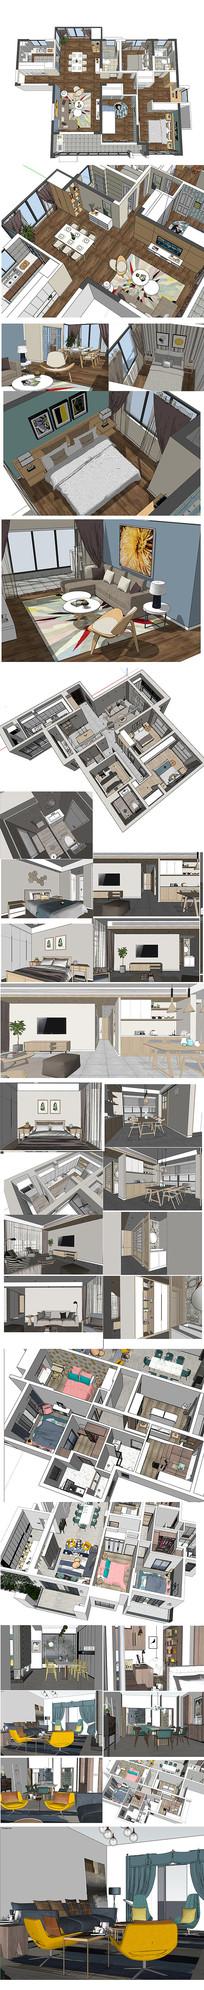 北欧风格家居设计模型